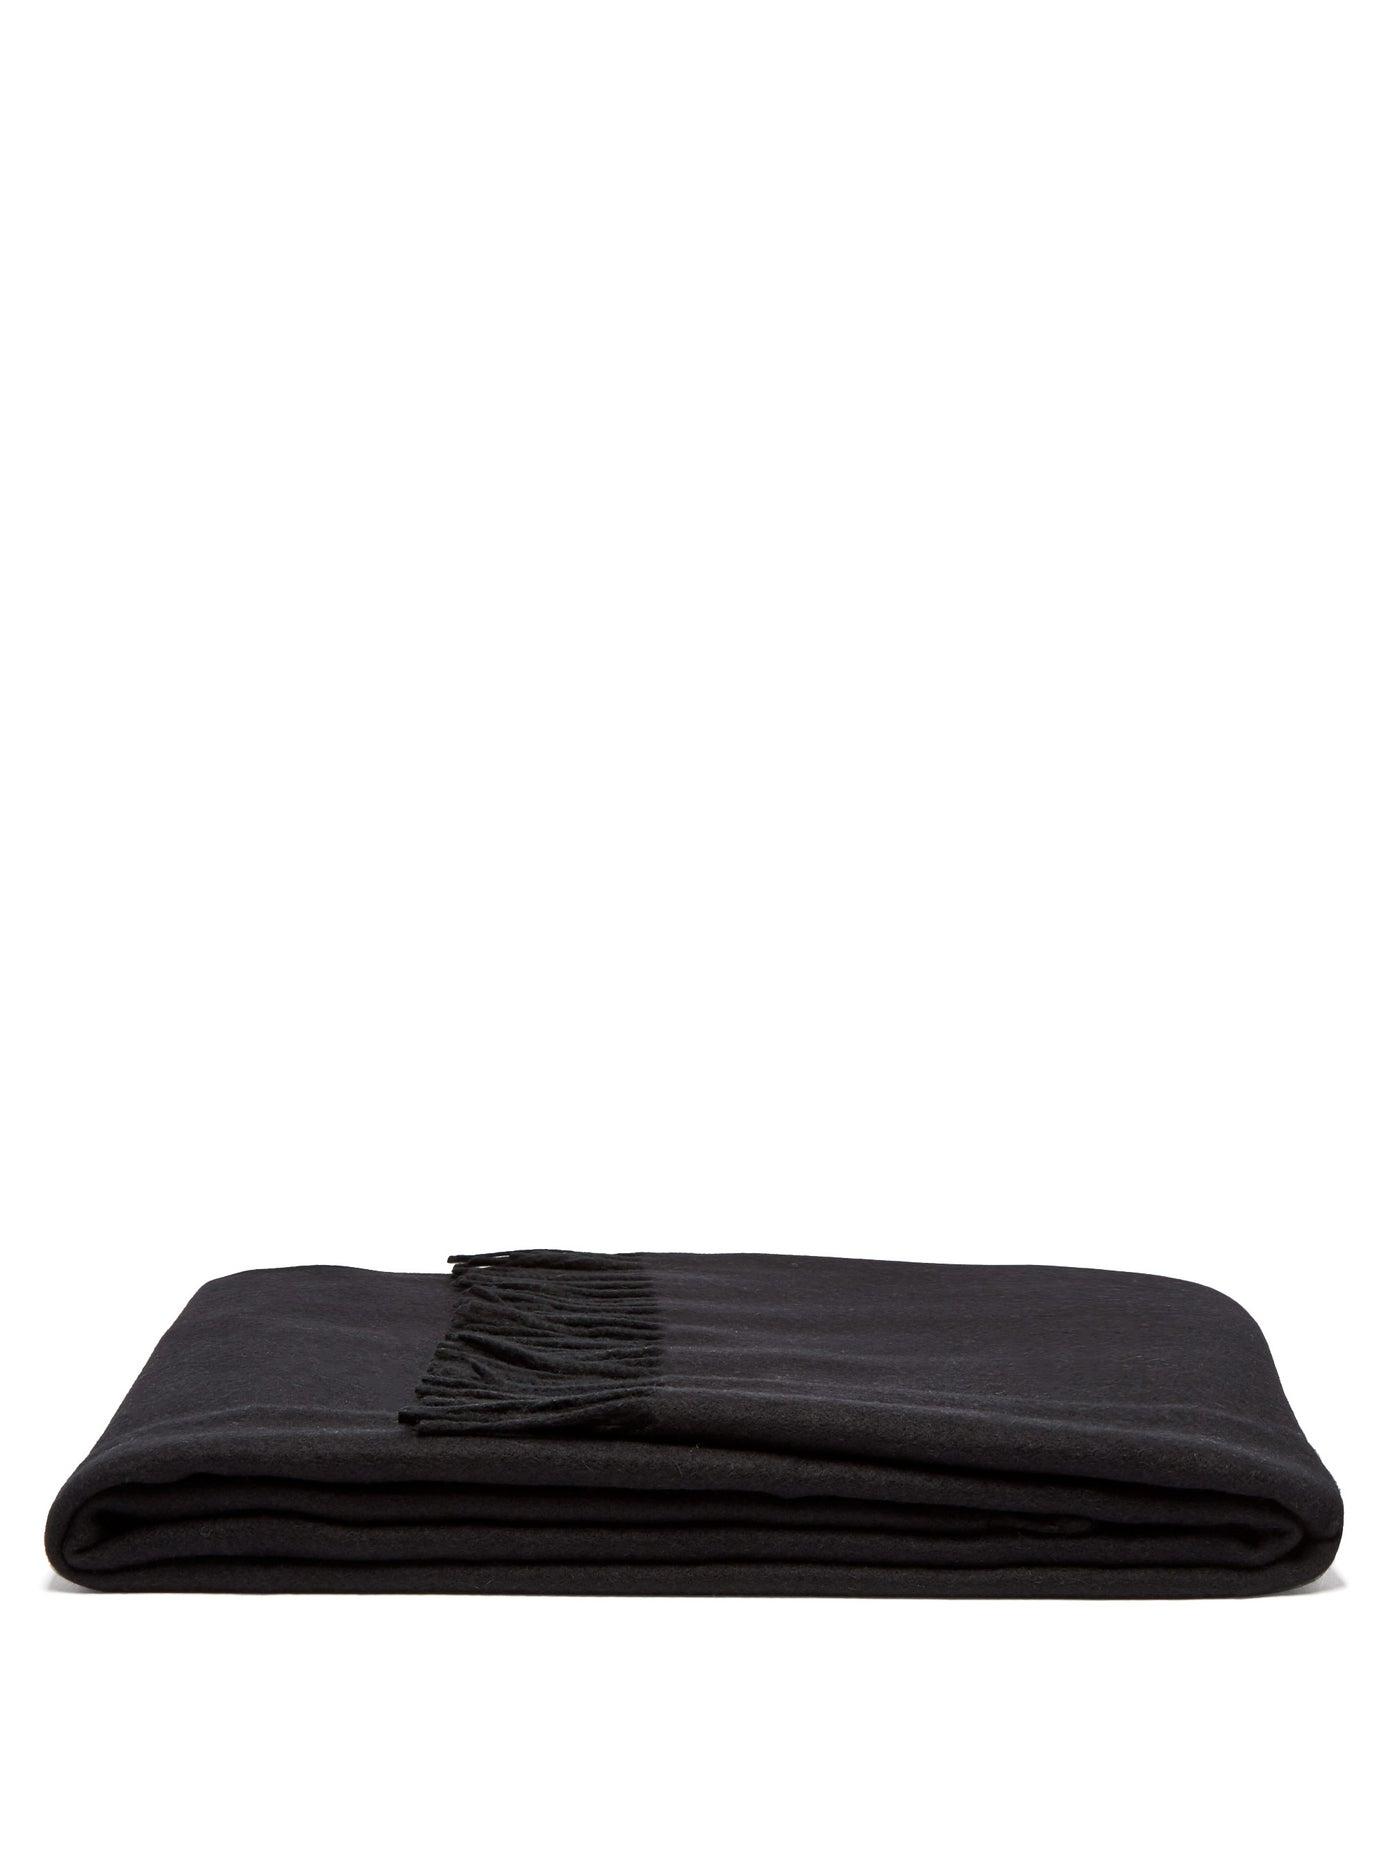 Луксозно кашмирено одеяло, изработено в Италия - топло, стилно, приласкаващо. Цена: 2 320 лв.